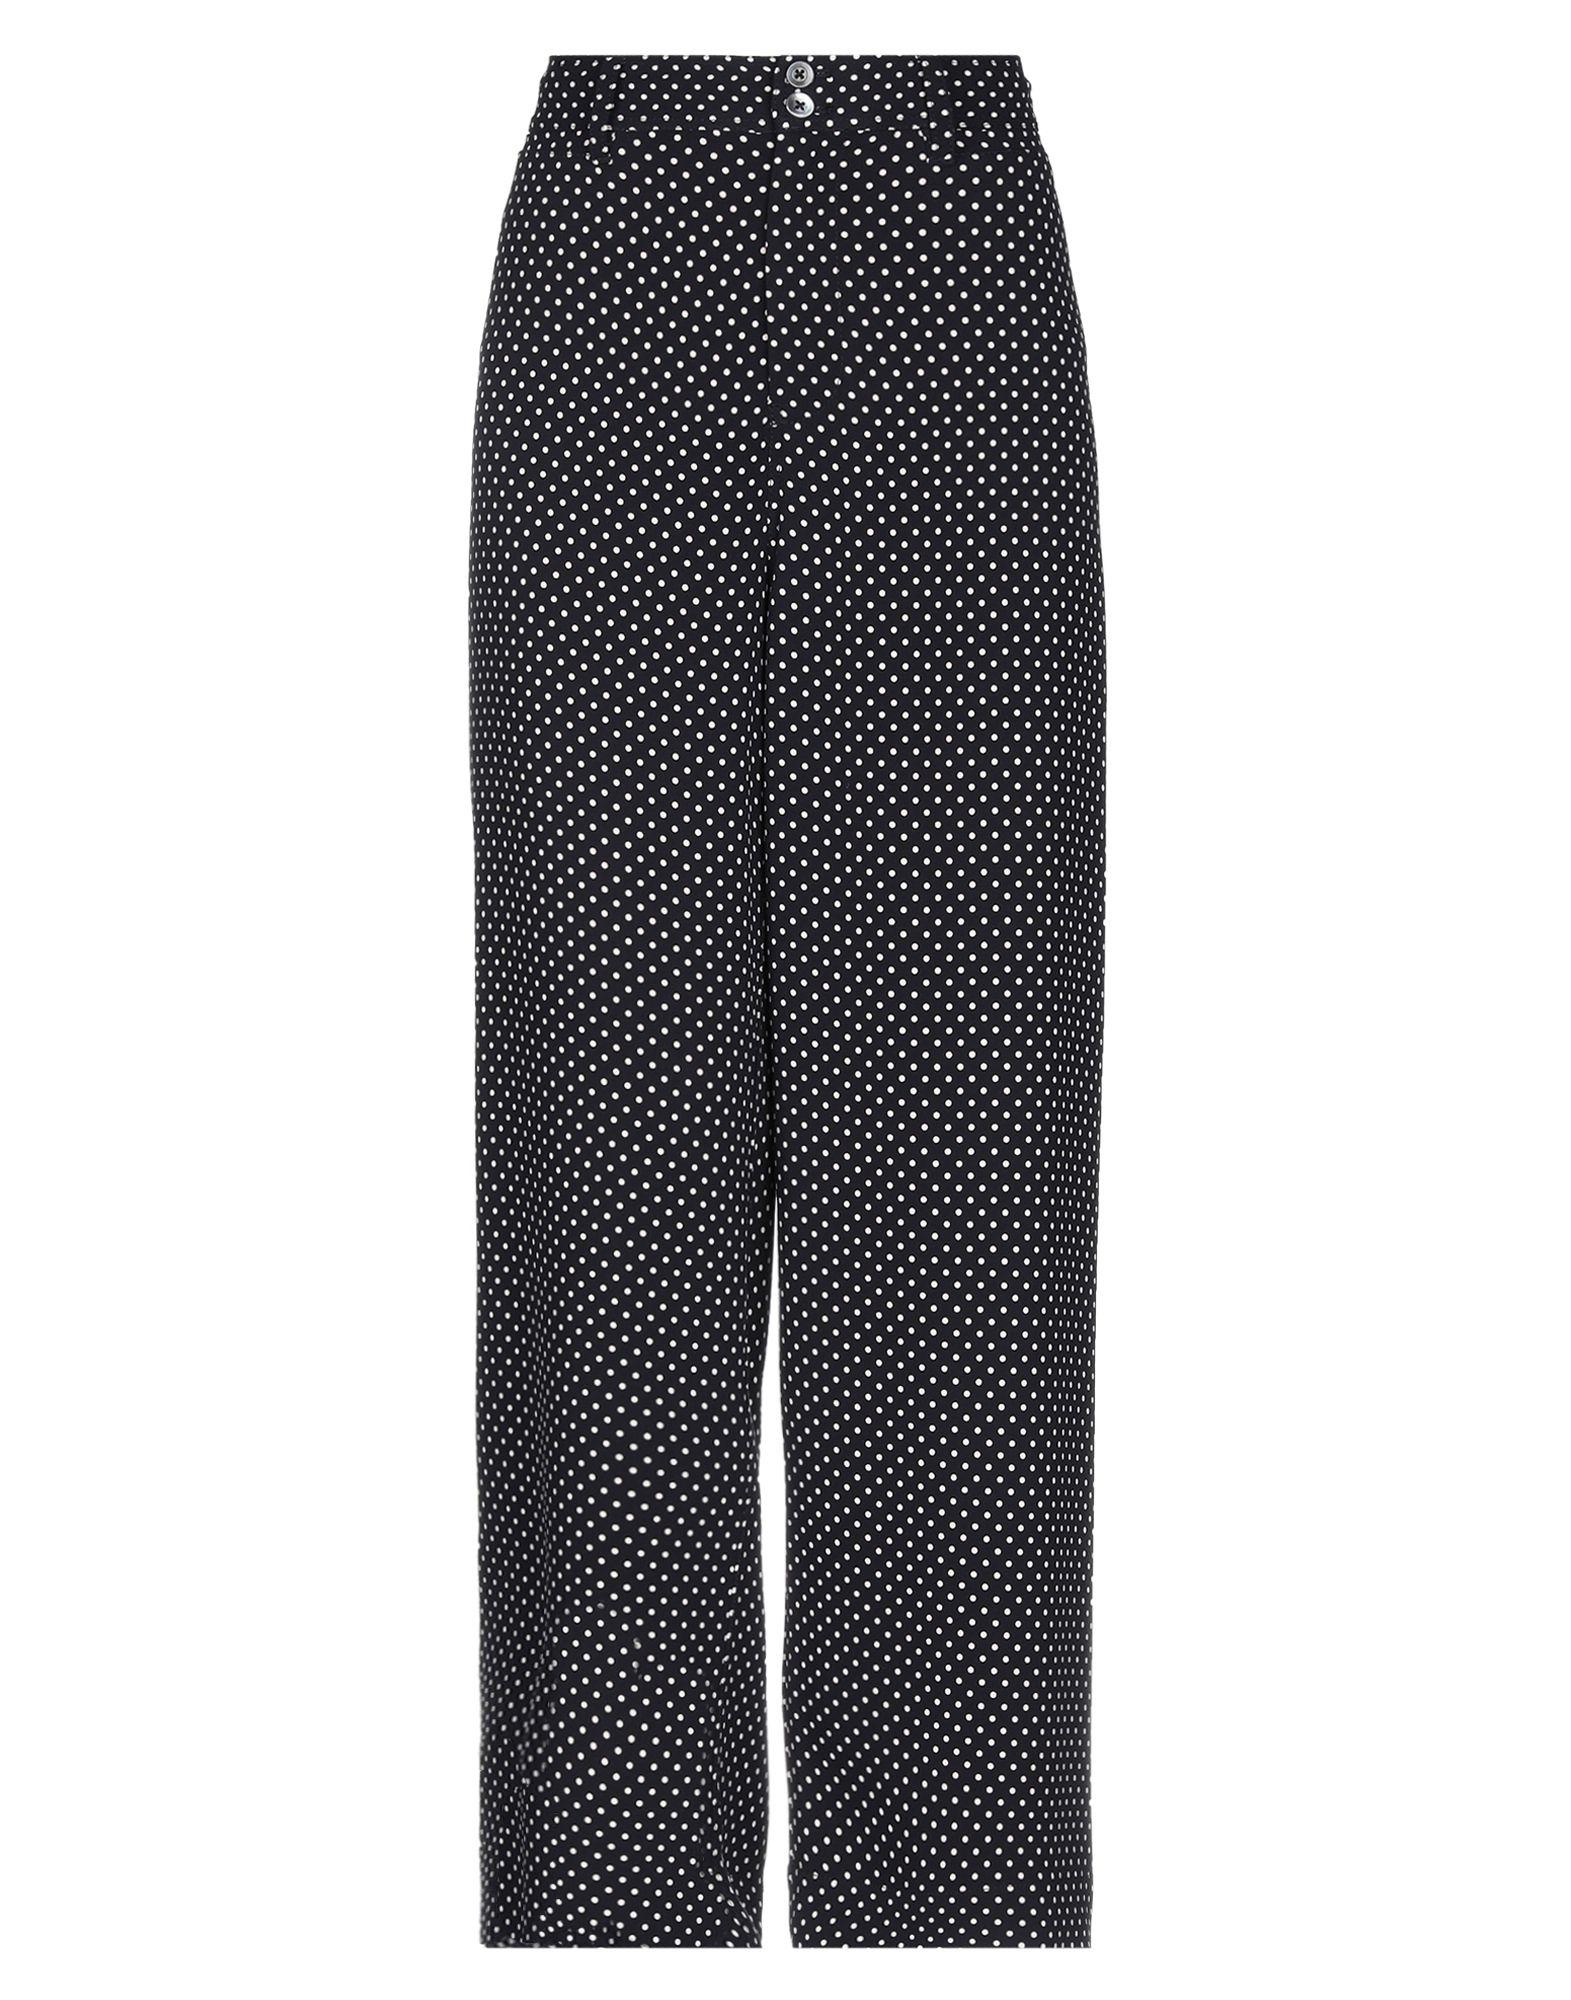 REBECCA TAYLOR Повседневные брюки ruibi ka marc rebecca тонкий брюки карандаш пригородный костюм брюки тонкие брюки 72012k темно серый код m